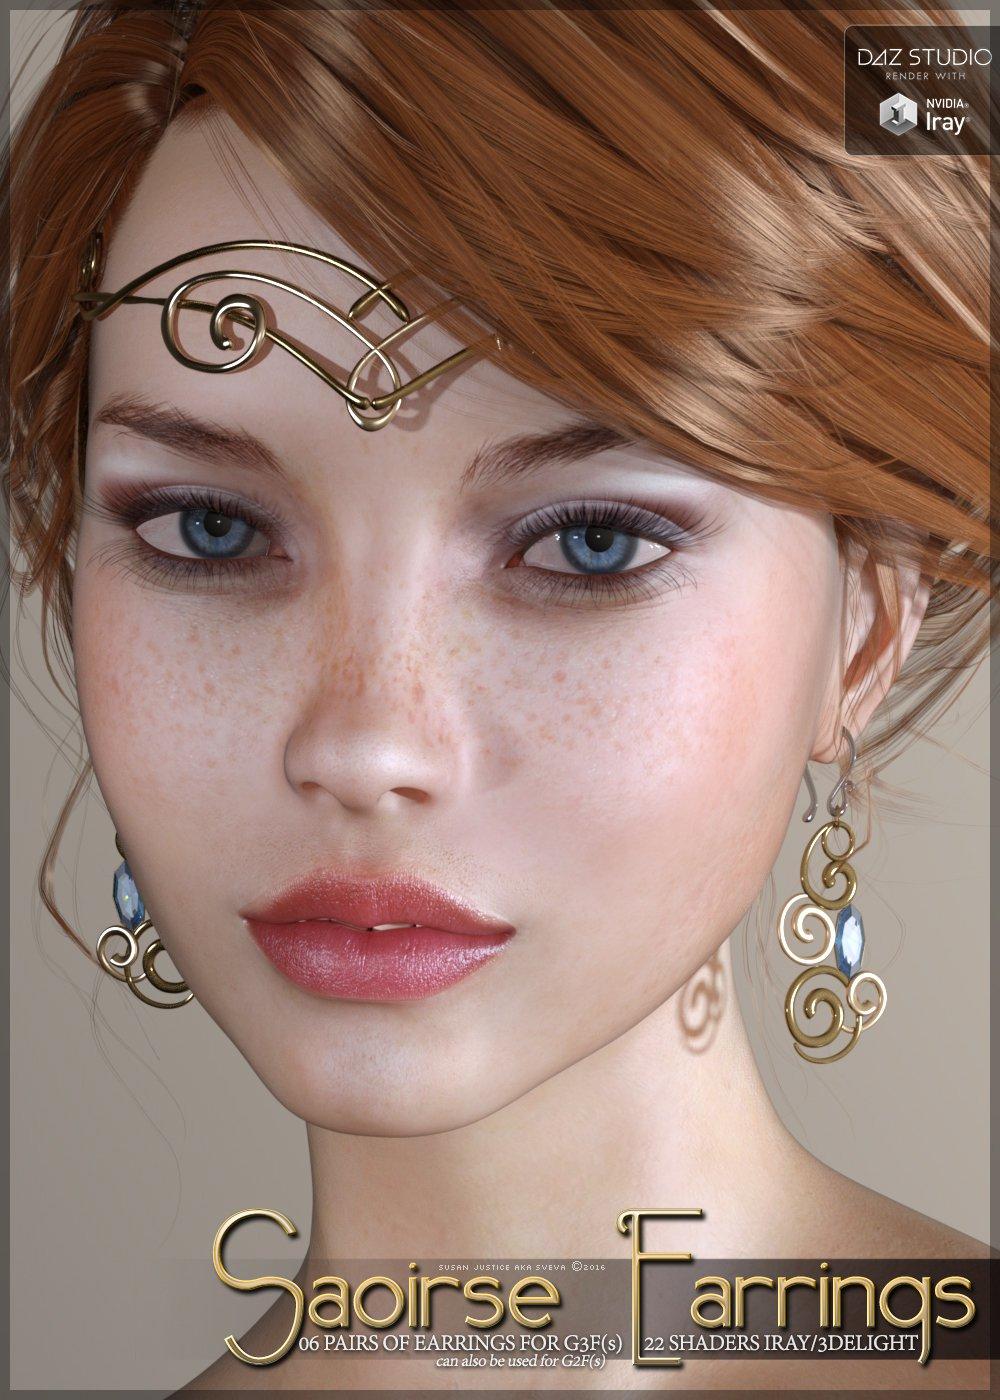 SV's Saoirse Earrings for Genesis 3 Female(s)_DAZ3D下载站